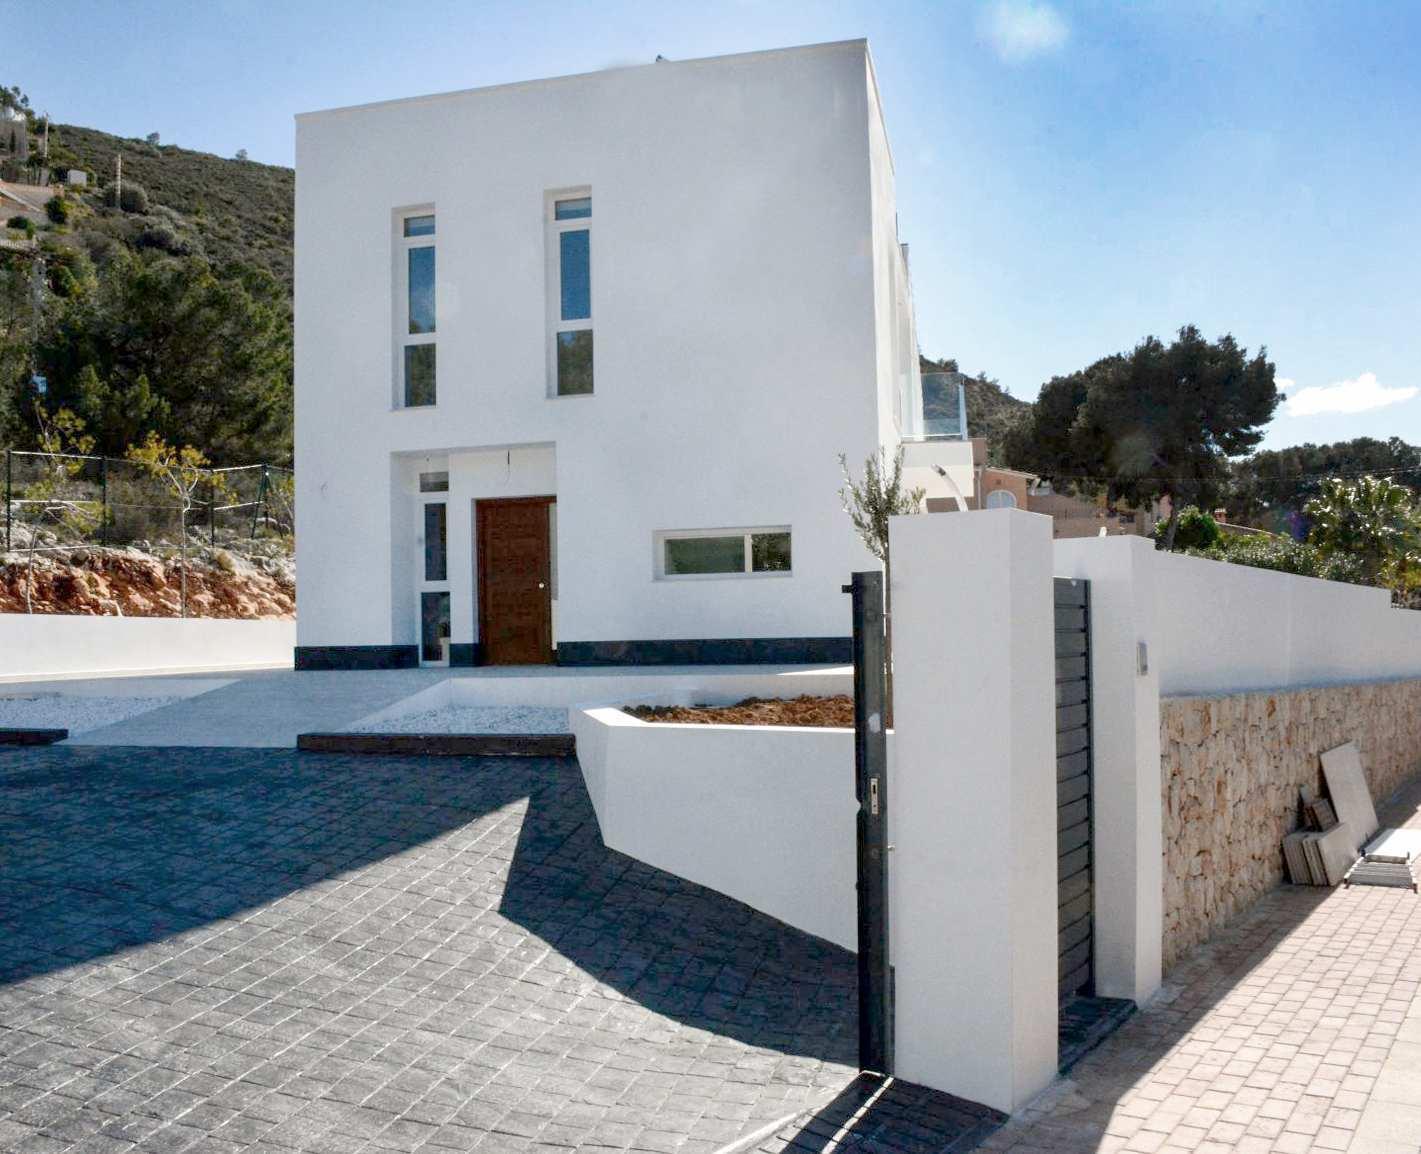 Photogallery - 2 - Olea Home - Construimos la casa de tus sueños. Obra nueva en promoción y reformas